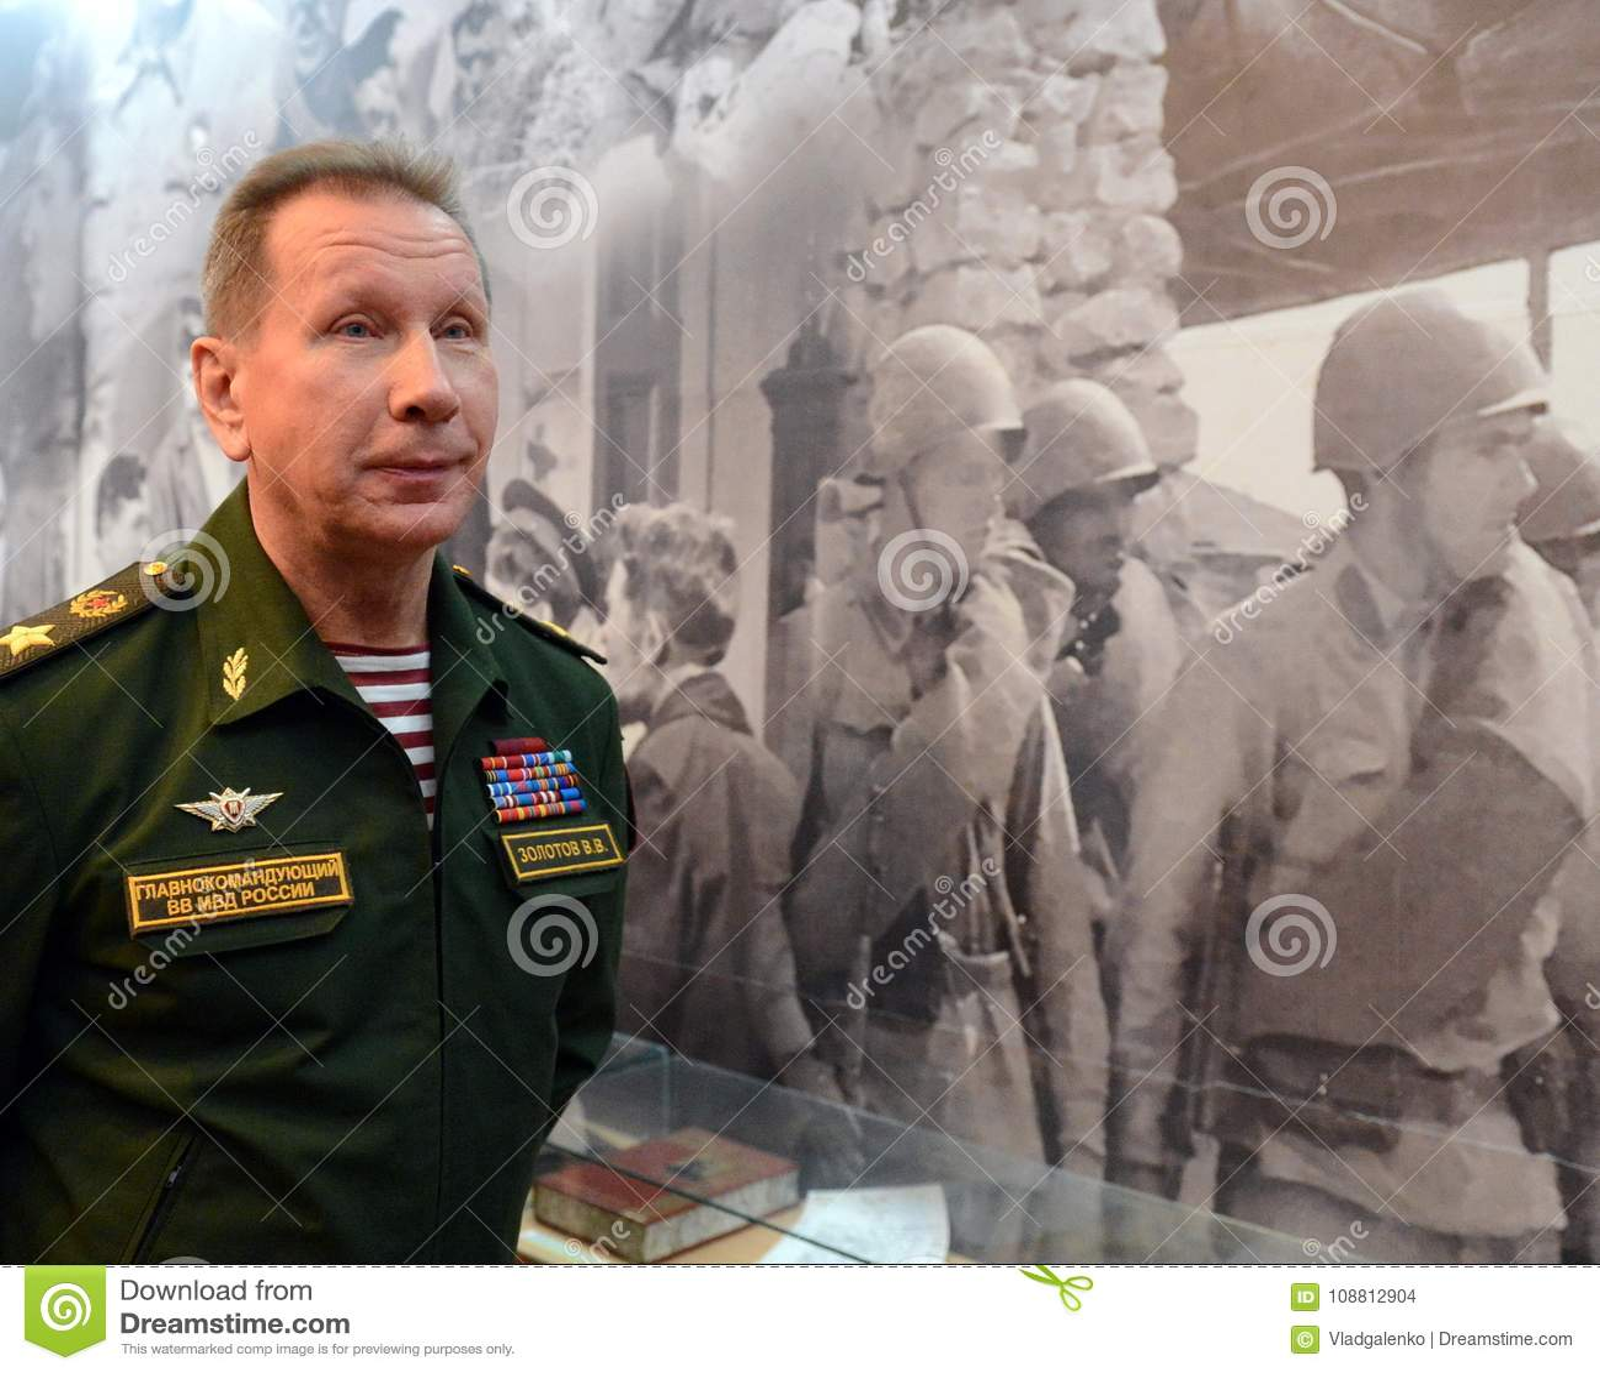 Comandante-chefe das tropas internas do ministério dos assuntos internos de Rússia, general do exército Viktor Zolotov